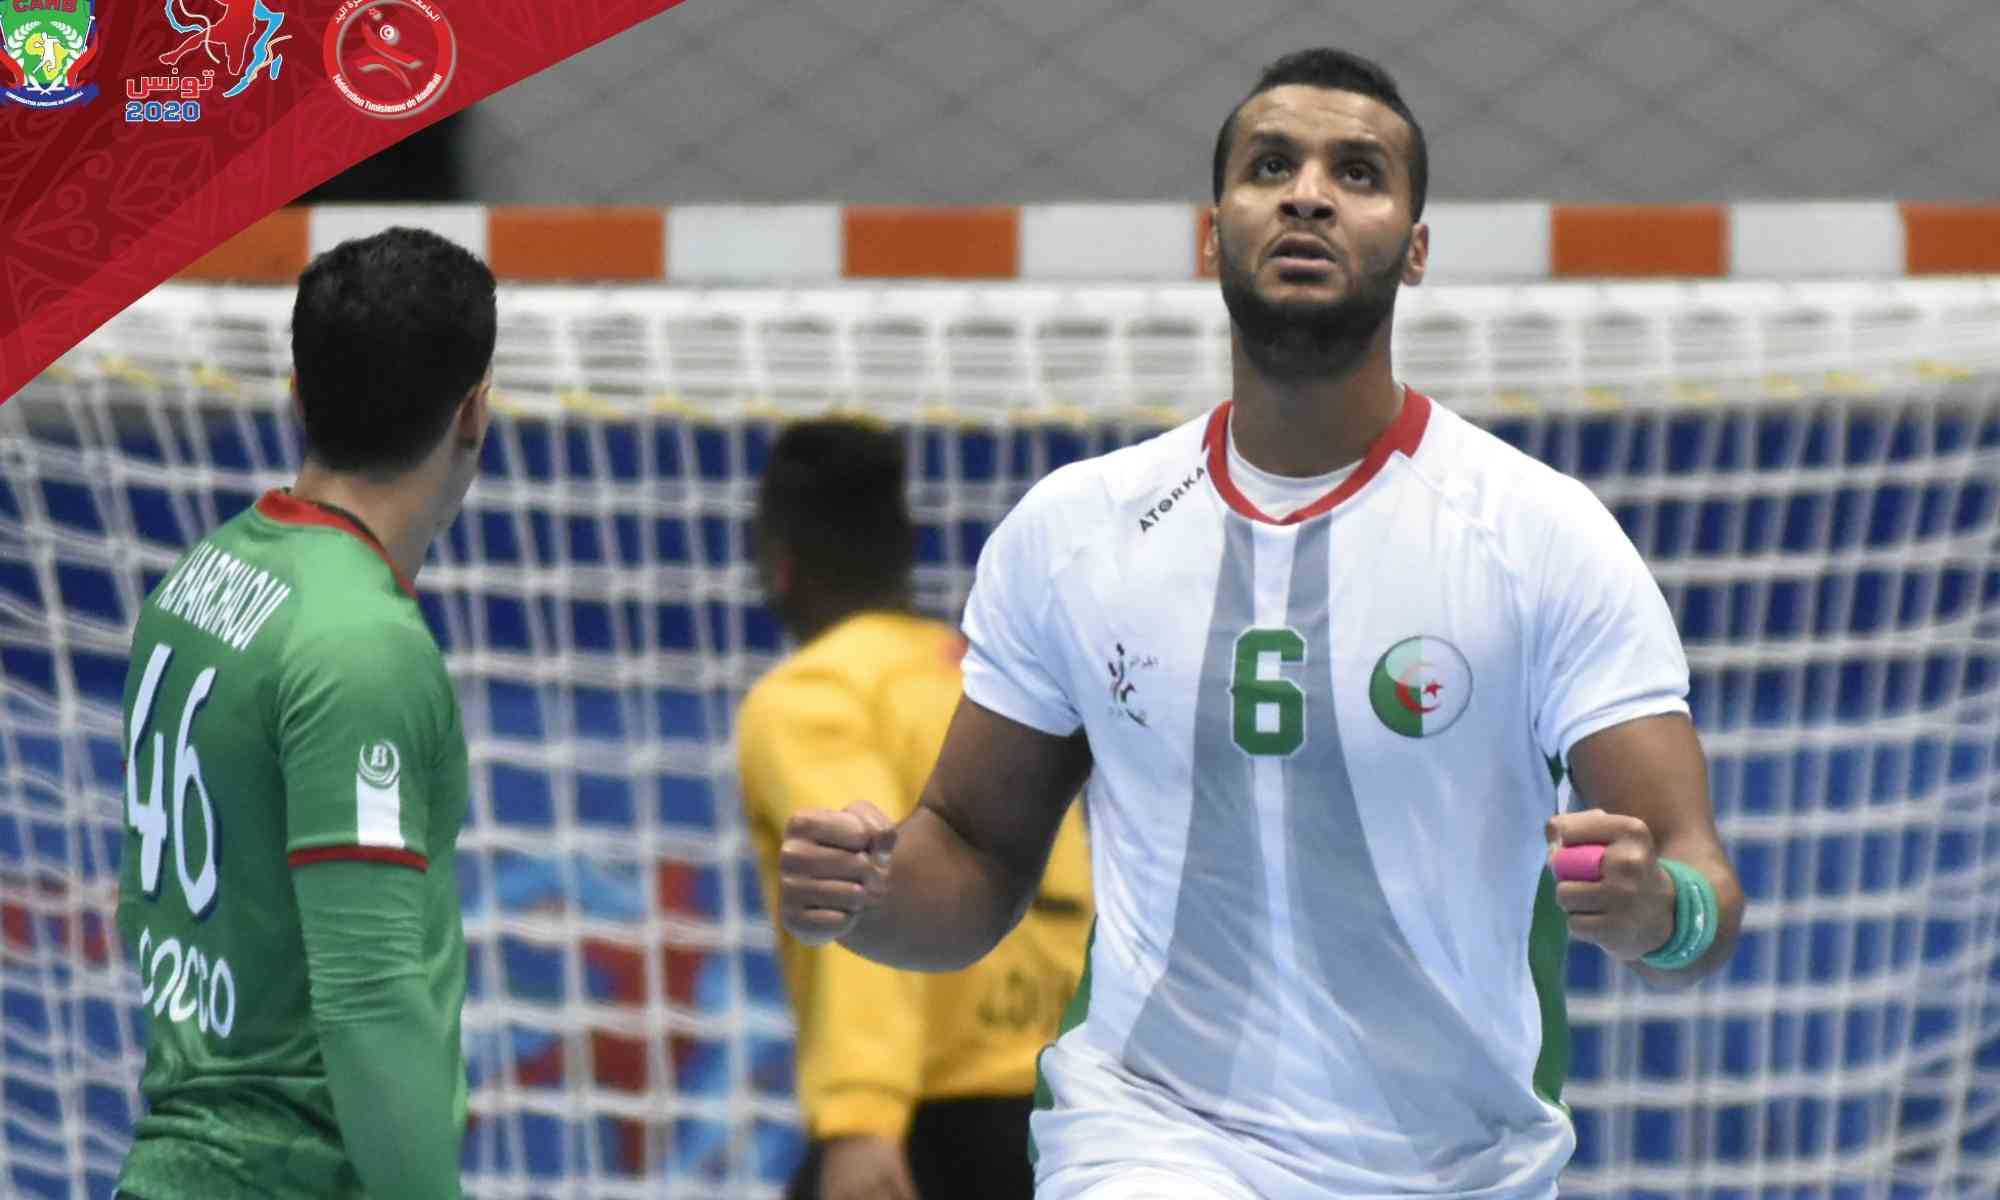 berkous maroc handball 1